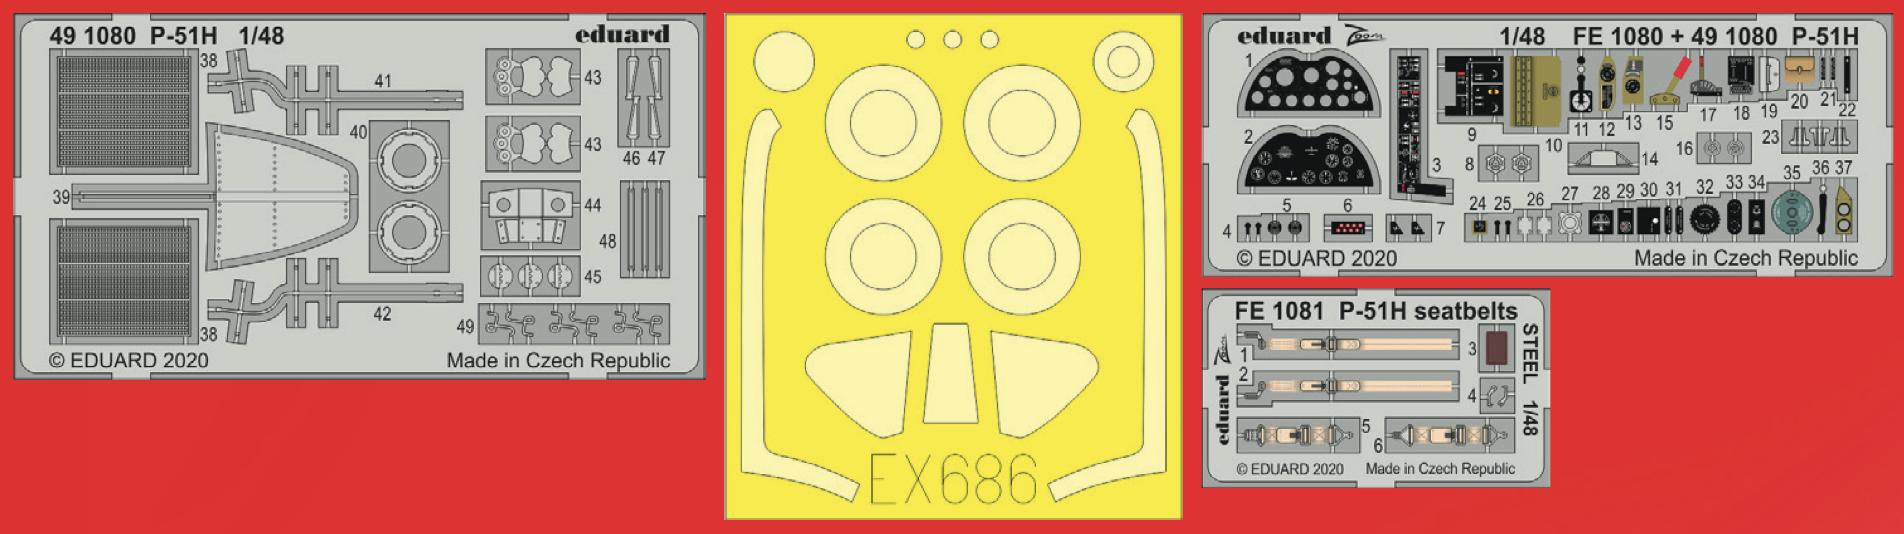 EDUARD ZOOM FE1080 Detail Set for Modelsvit Kit P-51H in 1:48